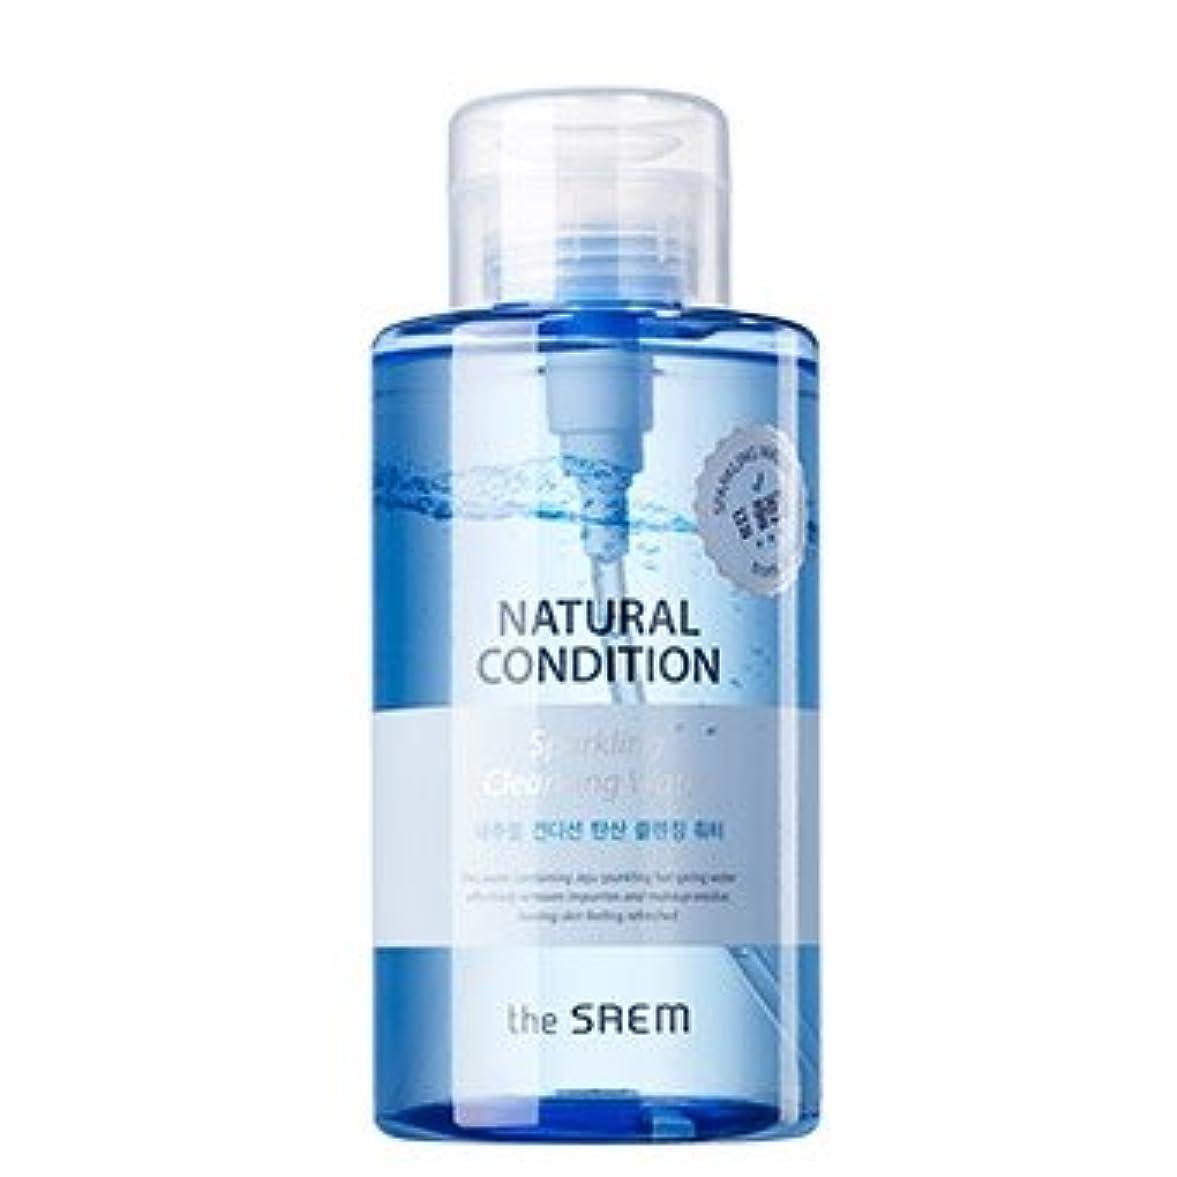 ブレスジョグより多いthe SAEM Natural Condition Sparkling Cleansing Water 500ml/ザセム ナチュラル コンディション スパークリング クレンジングウォーター 500ml [並行輸入品]